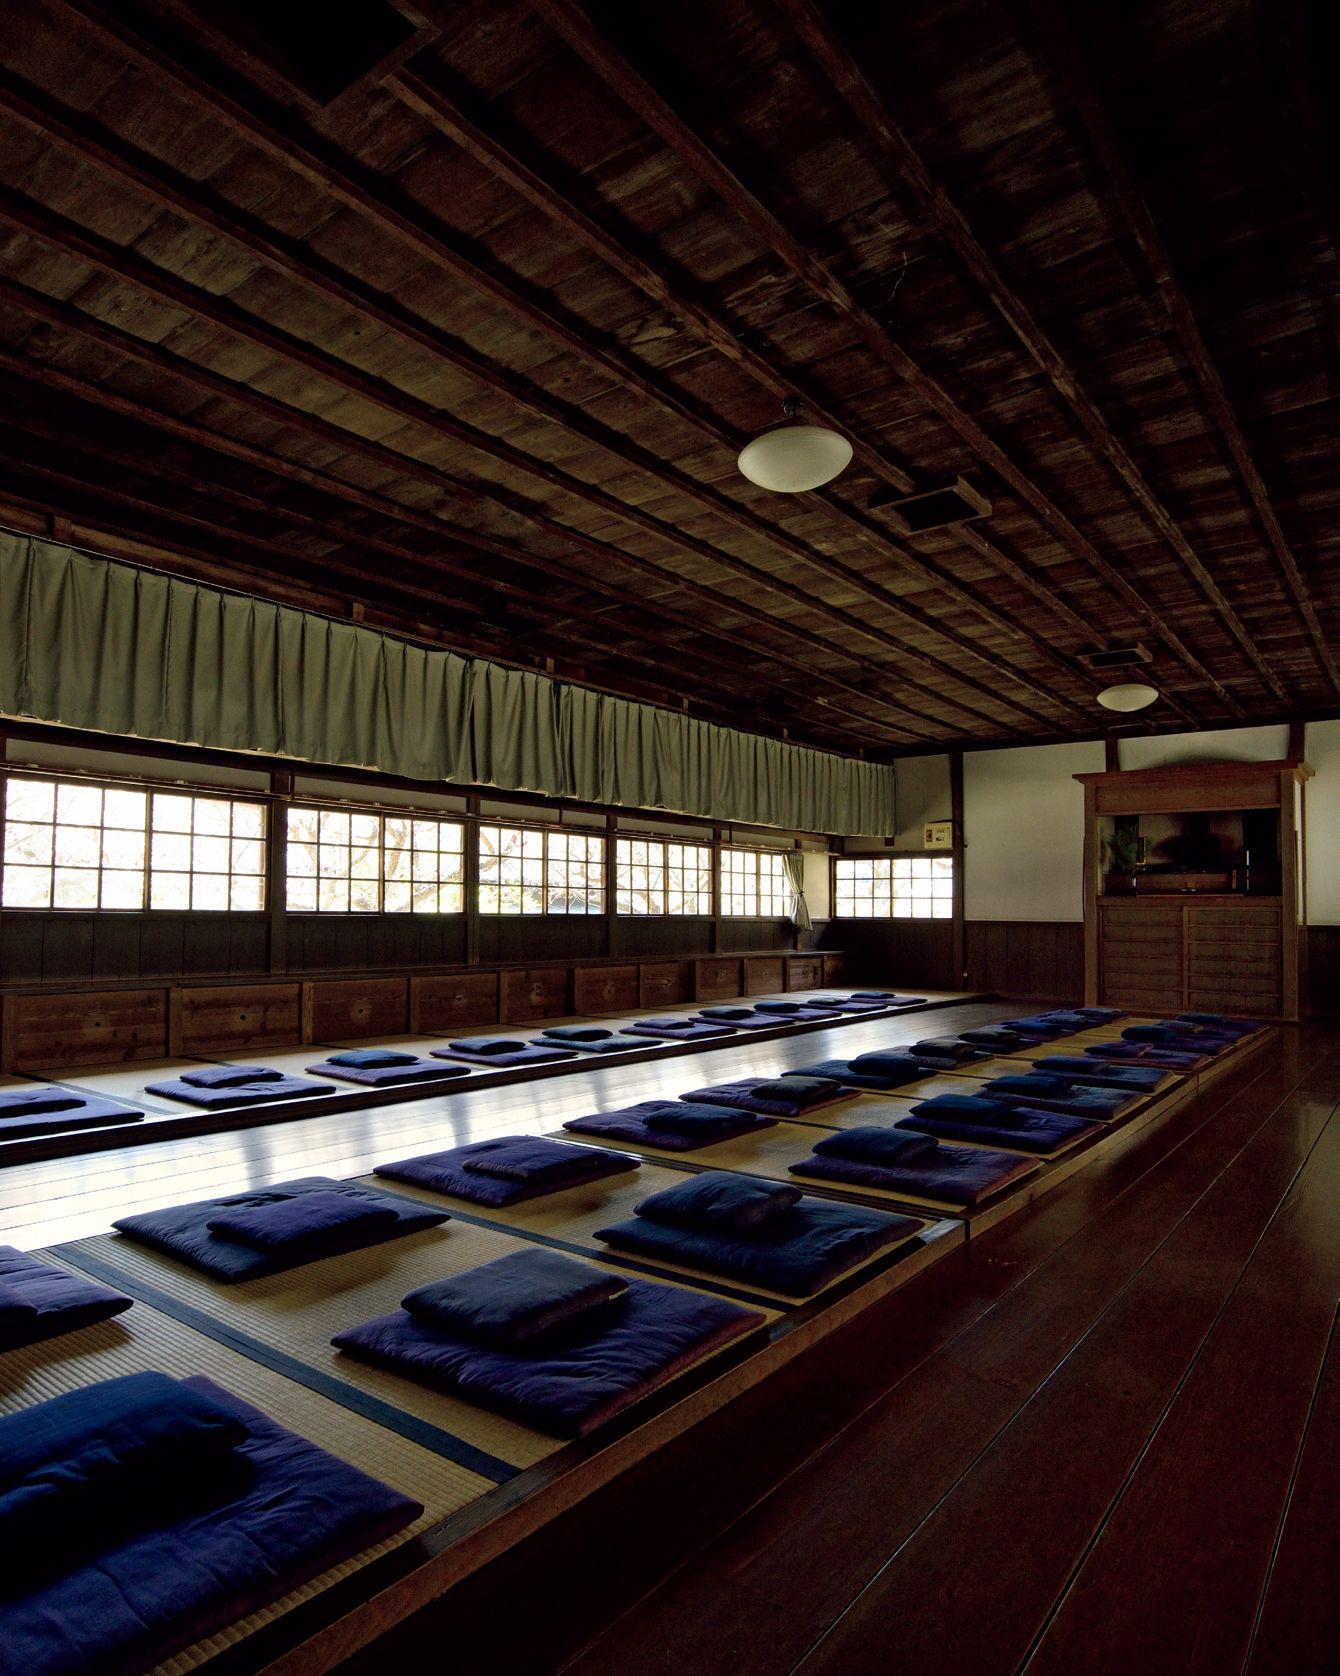 円覚寺の境内にある坐禅道場「居士林」の場内。味わい深い木造の建物で、ぴかぴかに磨き上げられた床が素足に気持ちいい。